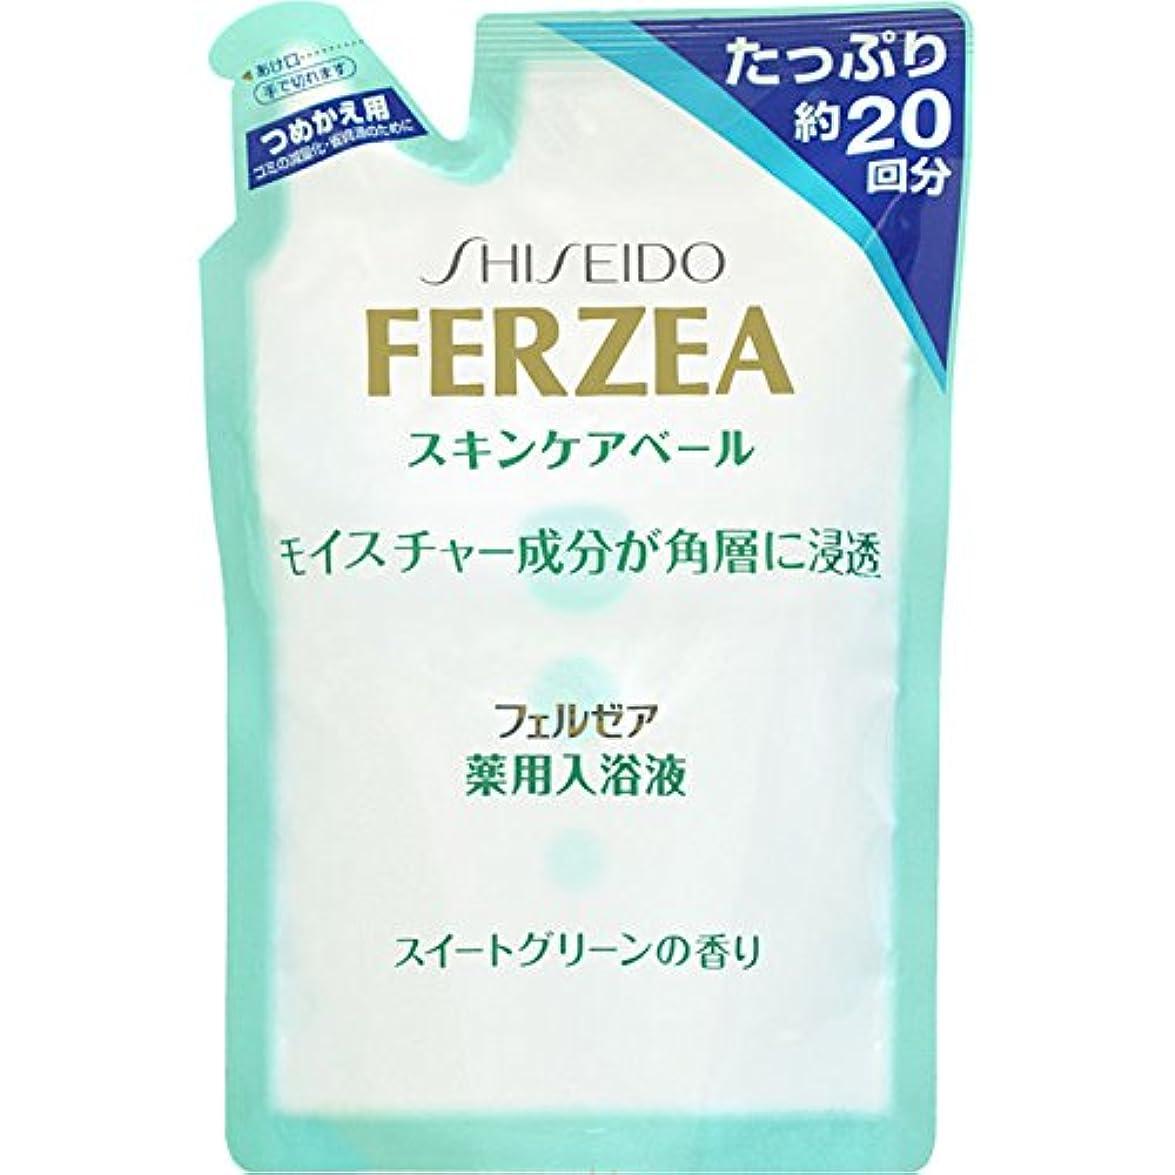 フェルゼア薬用スキンケア入浴液G詰替 500ml